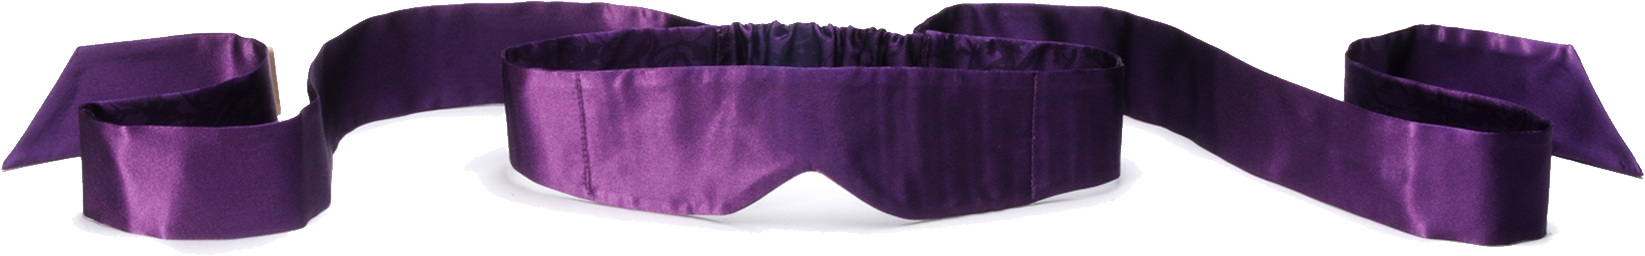 Lelo Intima Silk - benda per occhi